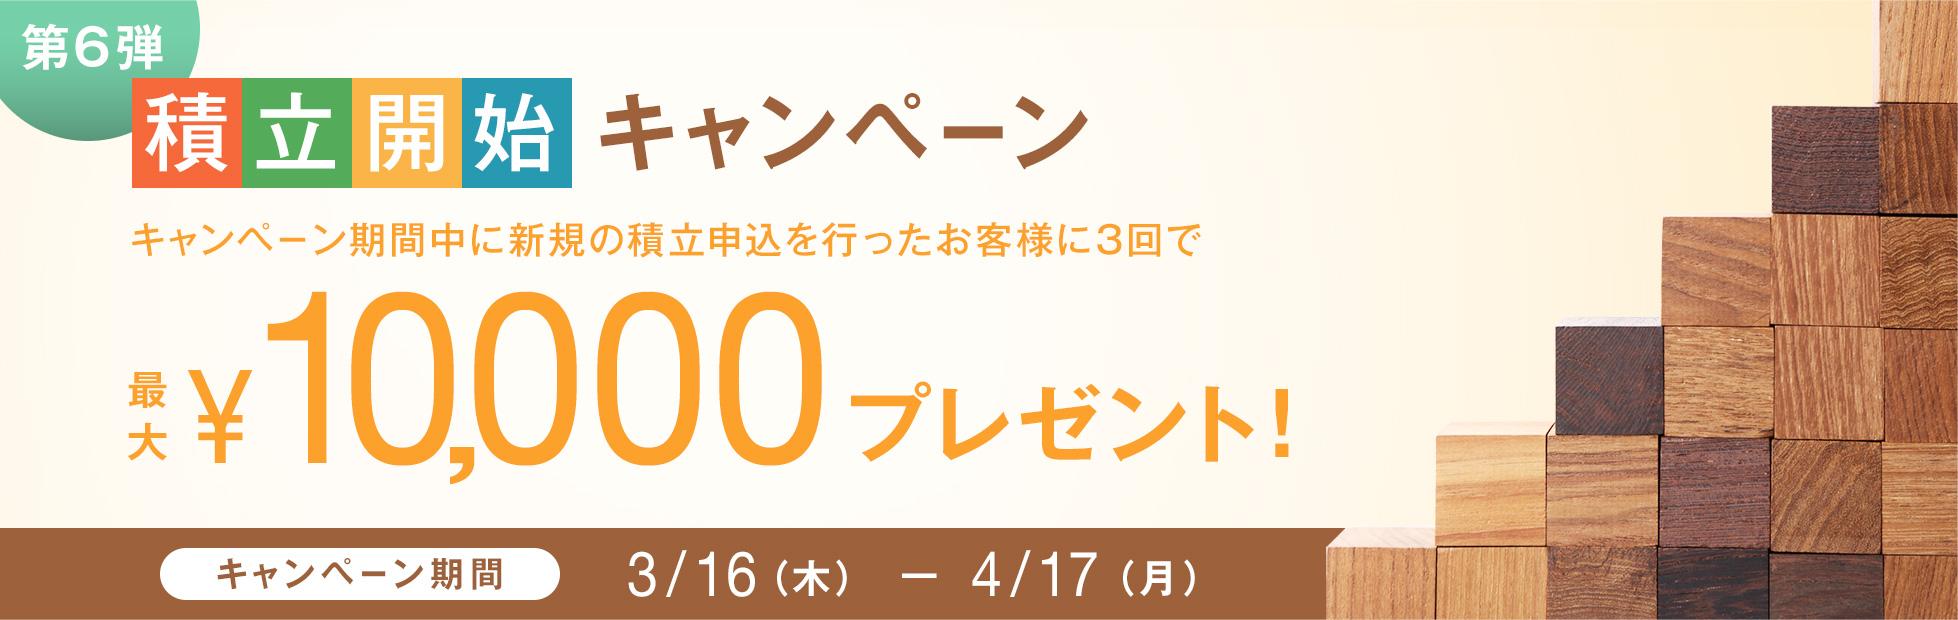 積立開始キャンペーン [第6弾]:キャンペーン期間中に新規の積立申込を行ったお客様に3回積立で最大10,000円プレゼント!2017年3月16日(木)から2017年4月17日(月)まで